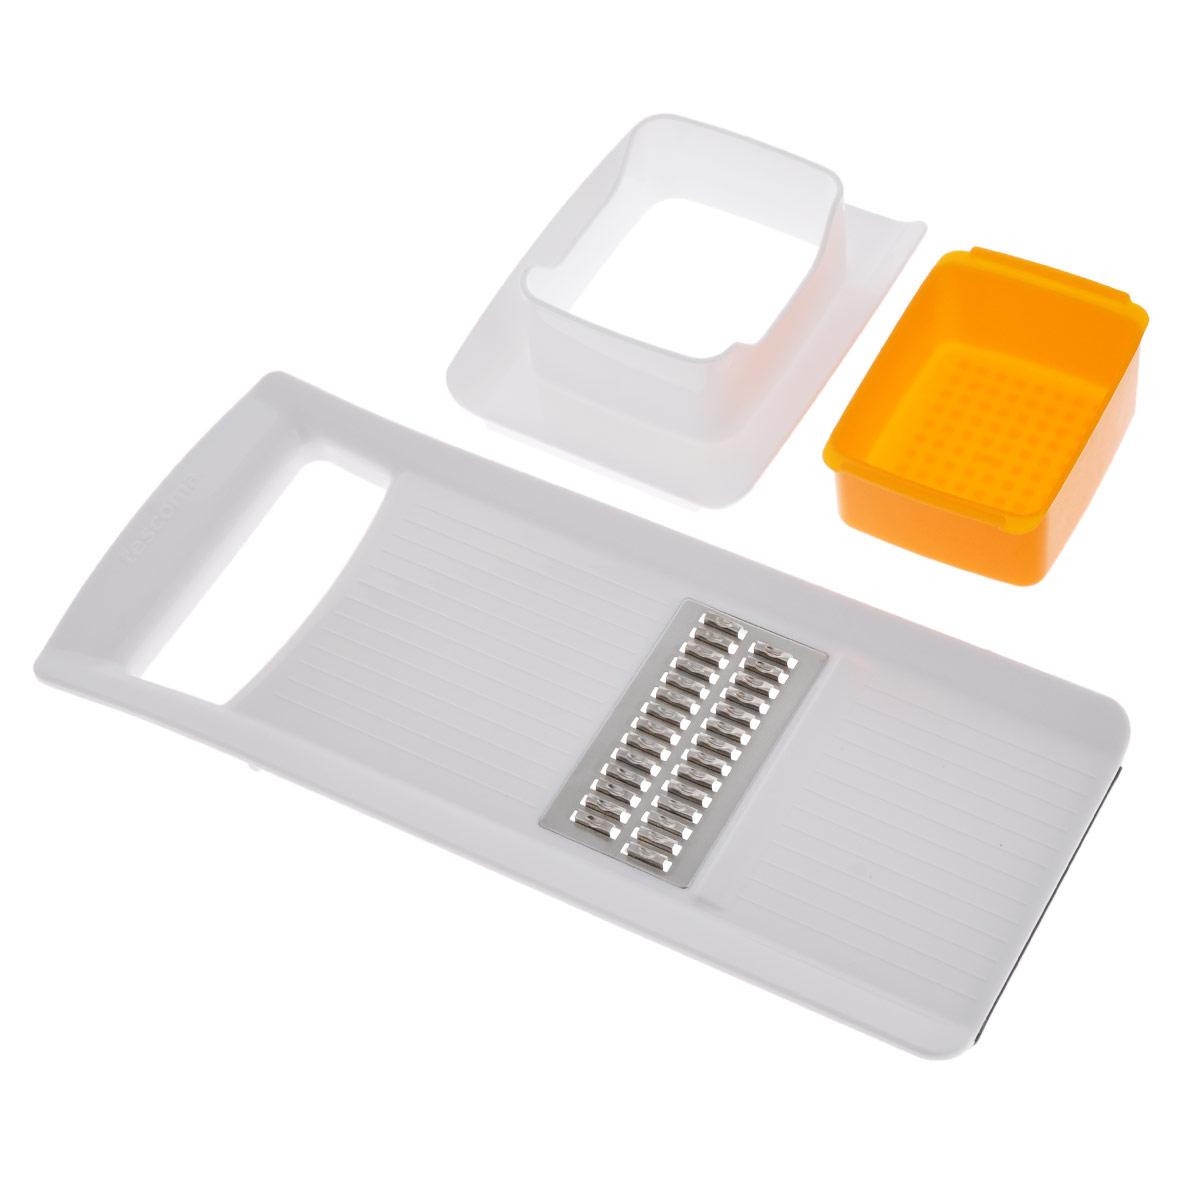 Терка Tescoma Жульен, цвет: белый, оранжевый54 009312Терка Tescoma Жульен, изготовленная из прочного пластика с дополнительным острым лезвием из высококачественной нержавеющей стали, отлично подходит для быстрой нарезки соломкой моркови, сельдерея, белого редиса, картофеля. Нижнее основание изделия имеет силиконовую антискользящую вставку для комфортной работы.В комплект также входят пластиковая емкость и толкатель для безопасной нарезки.Можно мыть в посудомоечной машине. Размер терки: 28 см х 12 см х 1,5 см. Размер емкости: 9 см х 6,5 см х 4 см.